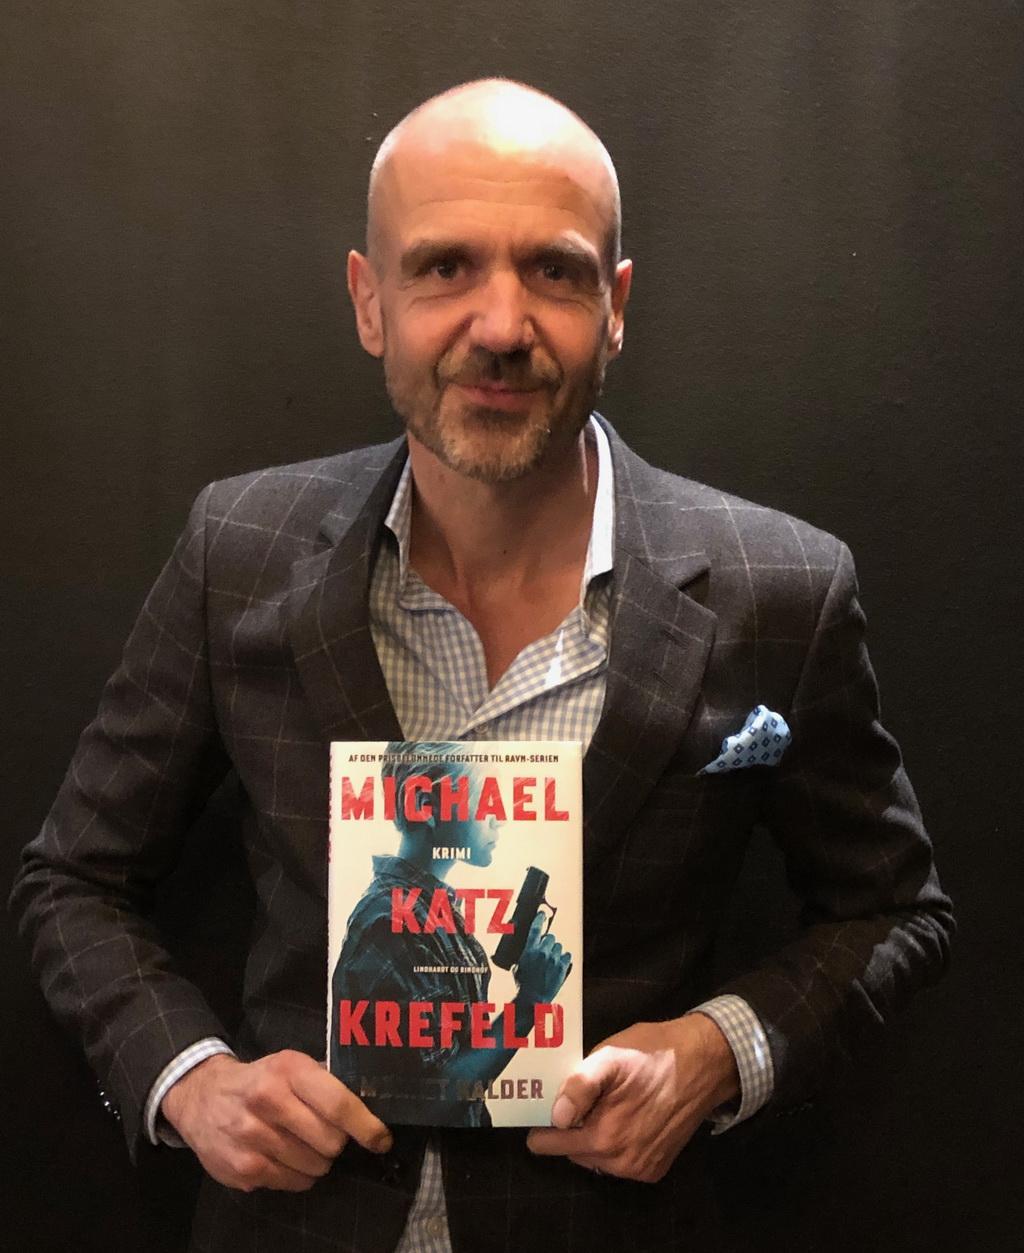 Michael Katz Krefeld med Mørket kalder